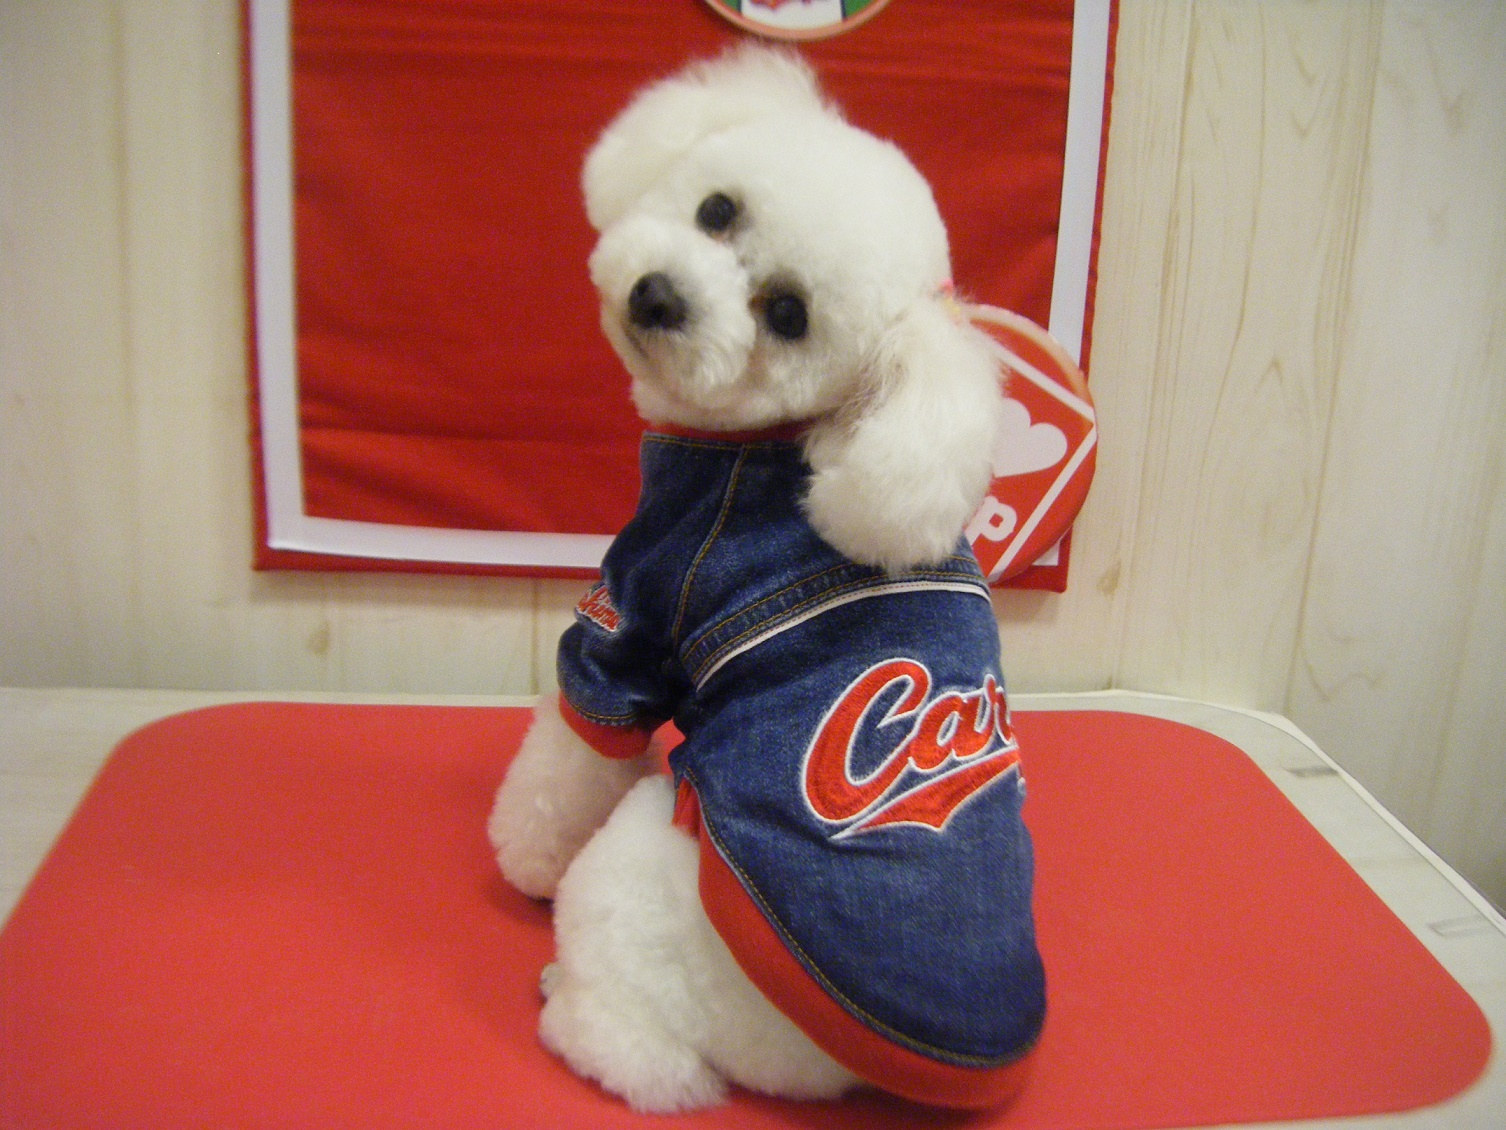 Carp 小型犬デニムスタジャン